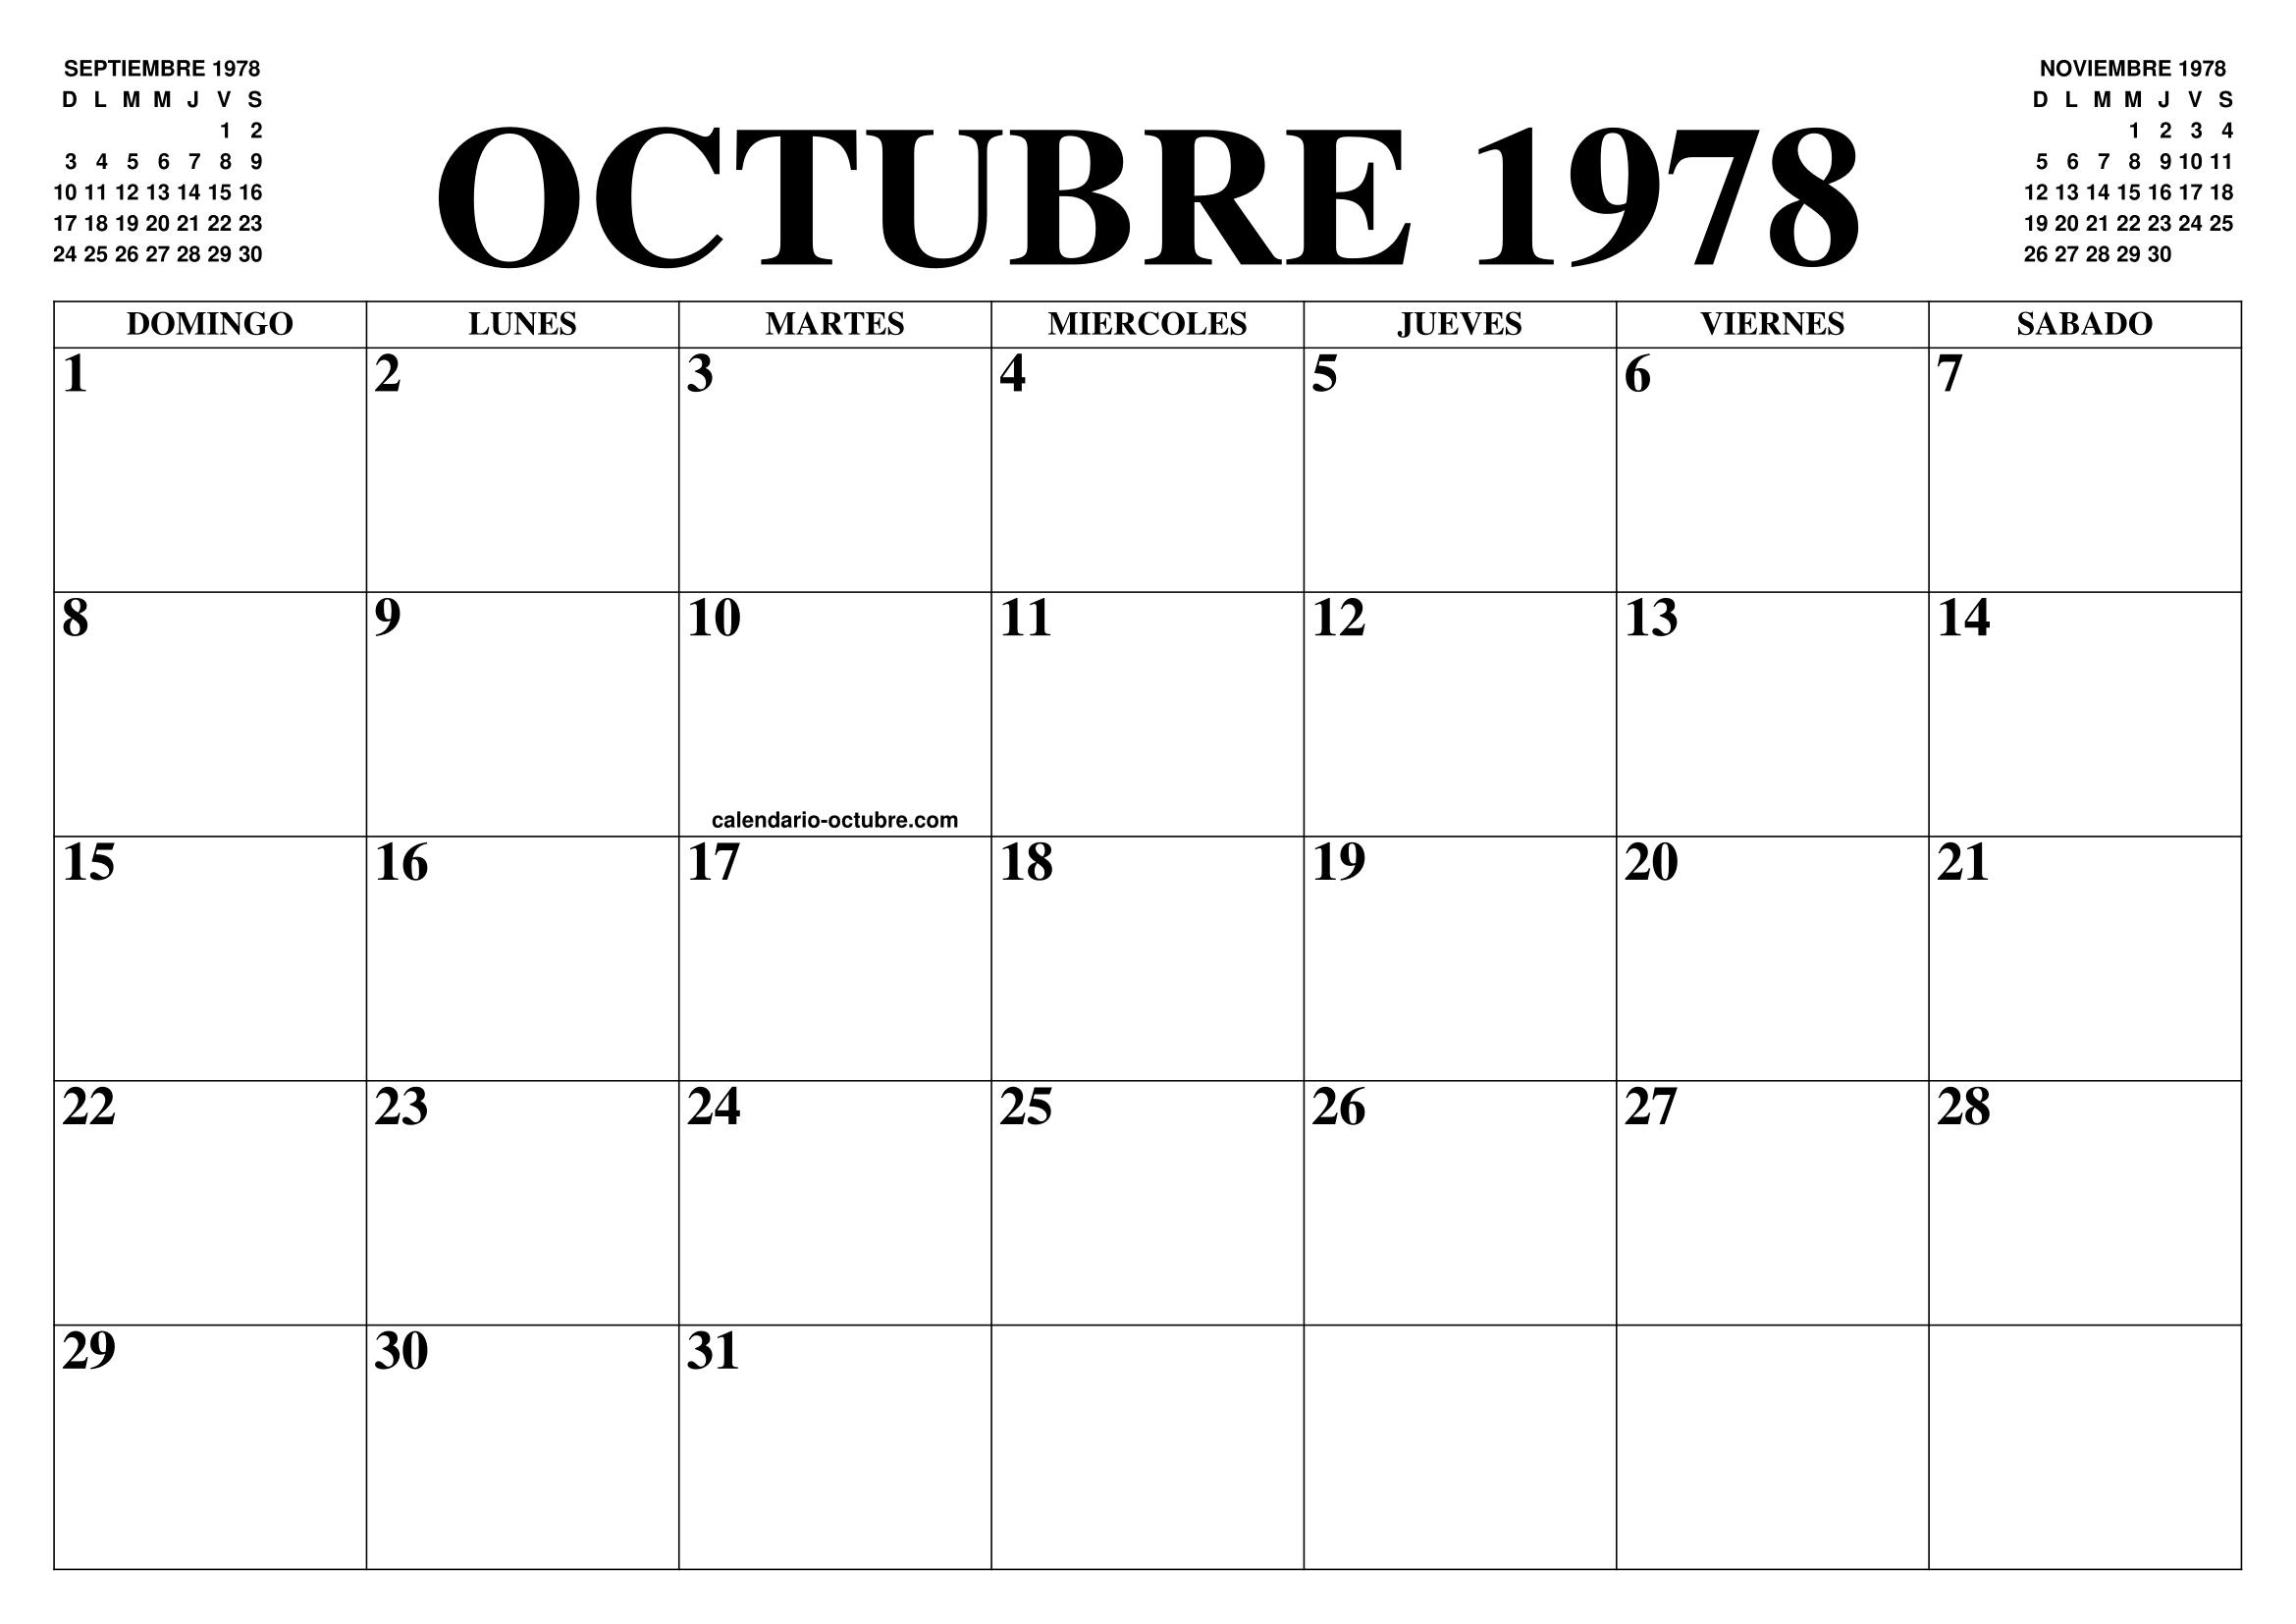 1978 Calendario.Calendario Octubre 1978 El Calendario Octubre Para